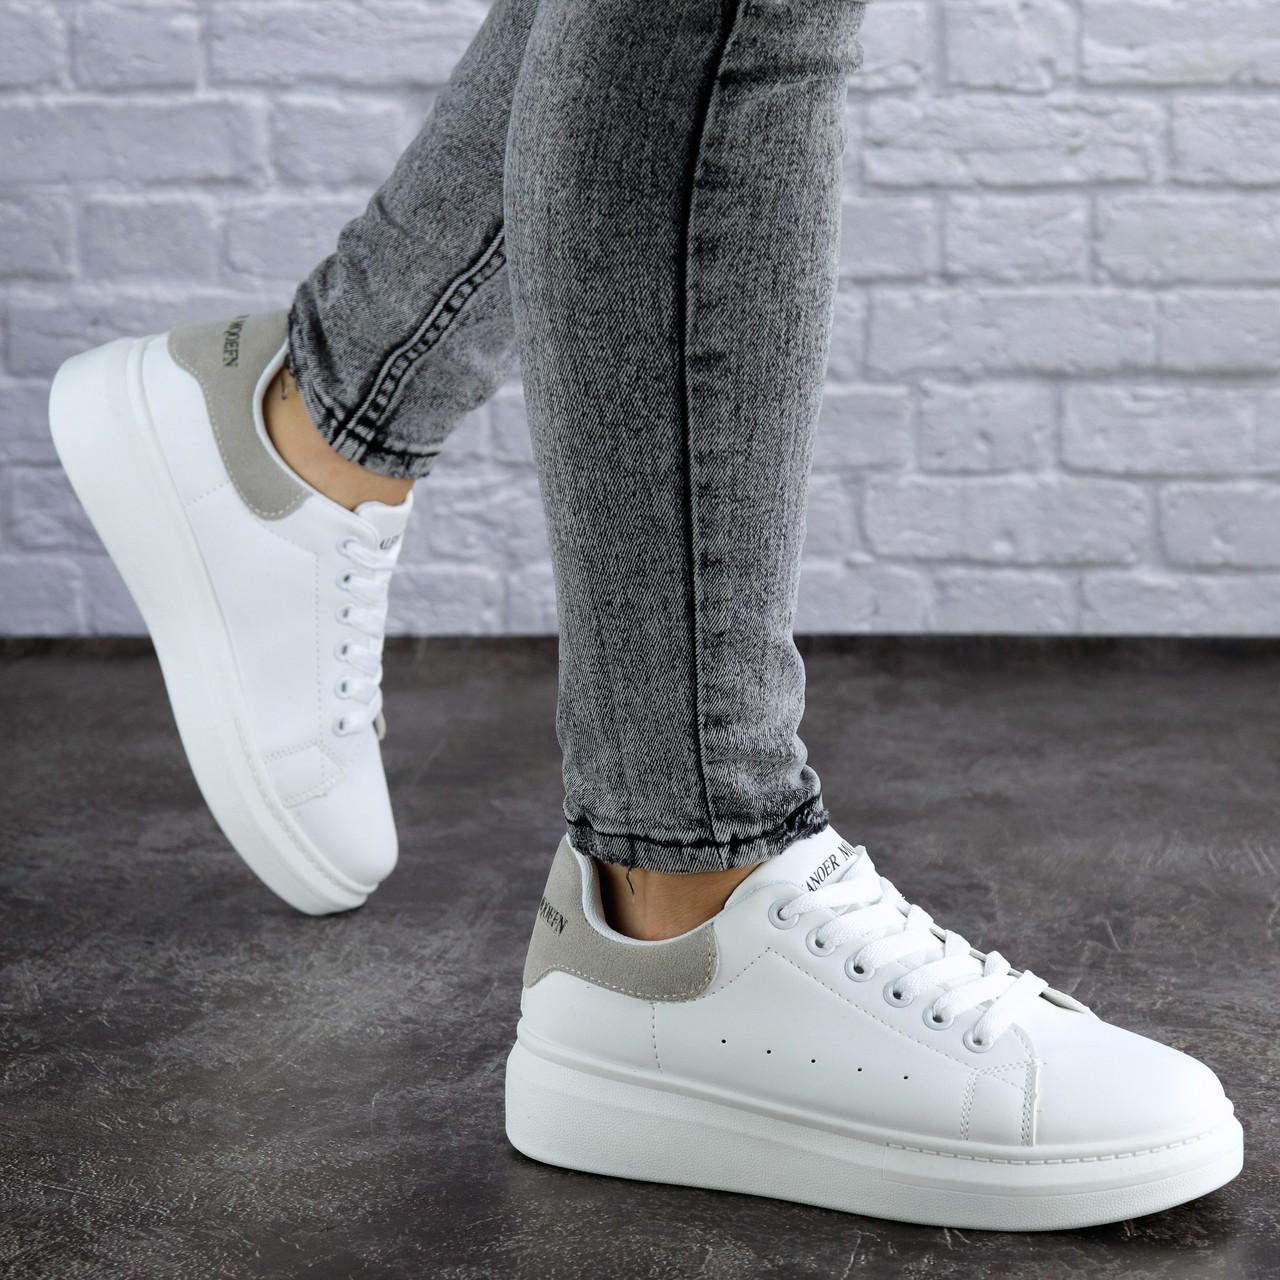 Купить Женские кроссовки белые Andy 1965 (40 размер), Fashion